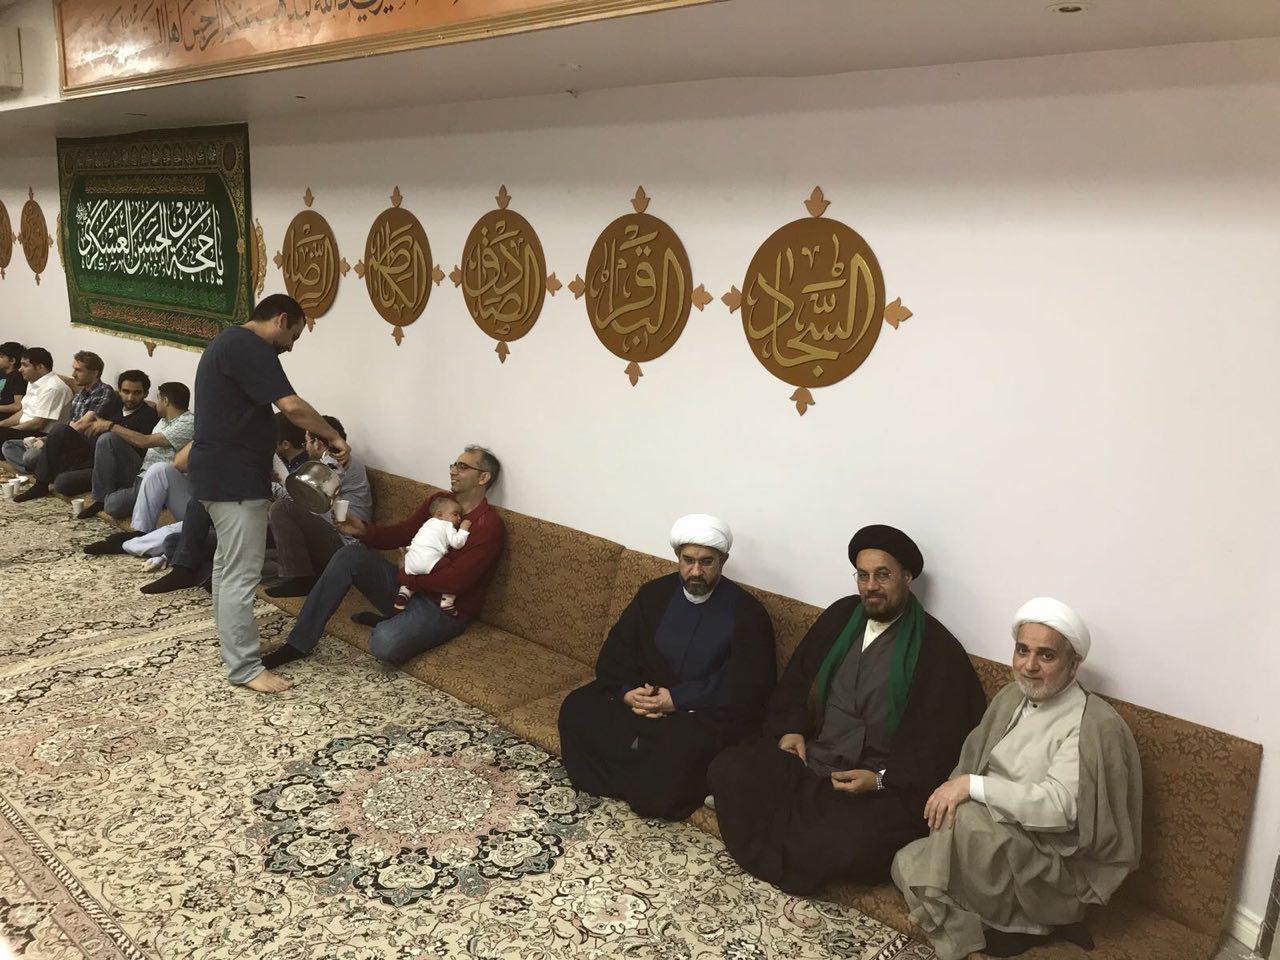 تصویر فعالیت های رمضانی مرکز جهانی آیت الله العظمی شیرازی در کشور کانادا